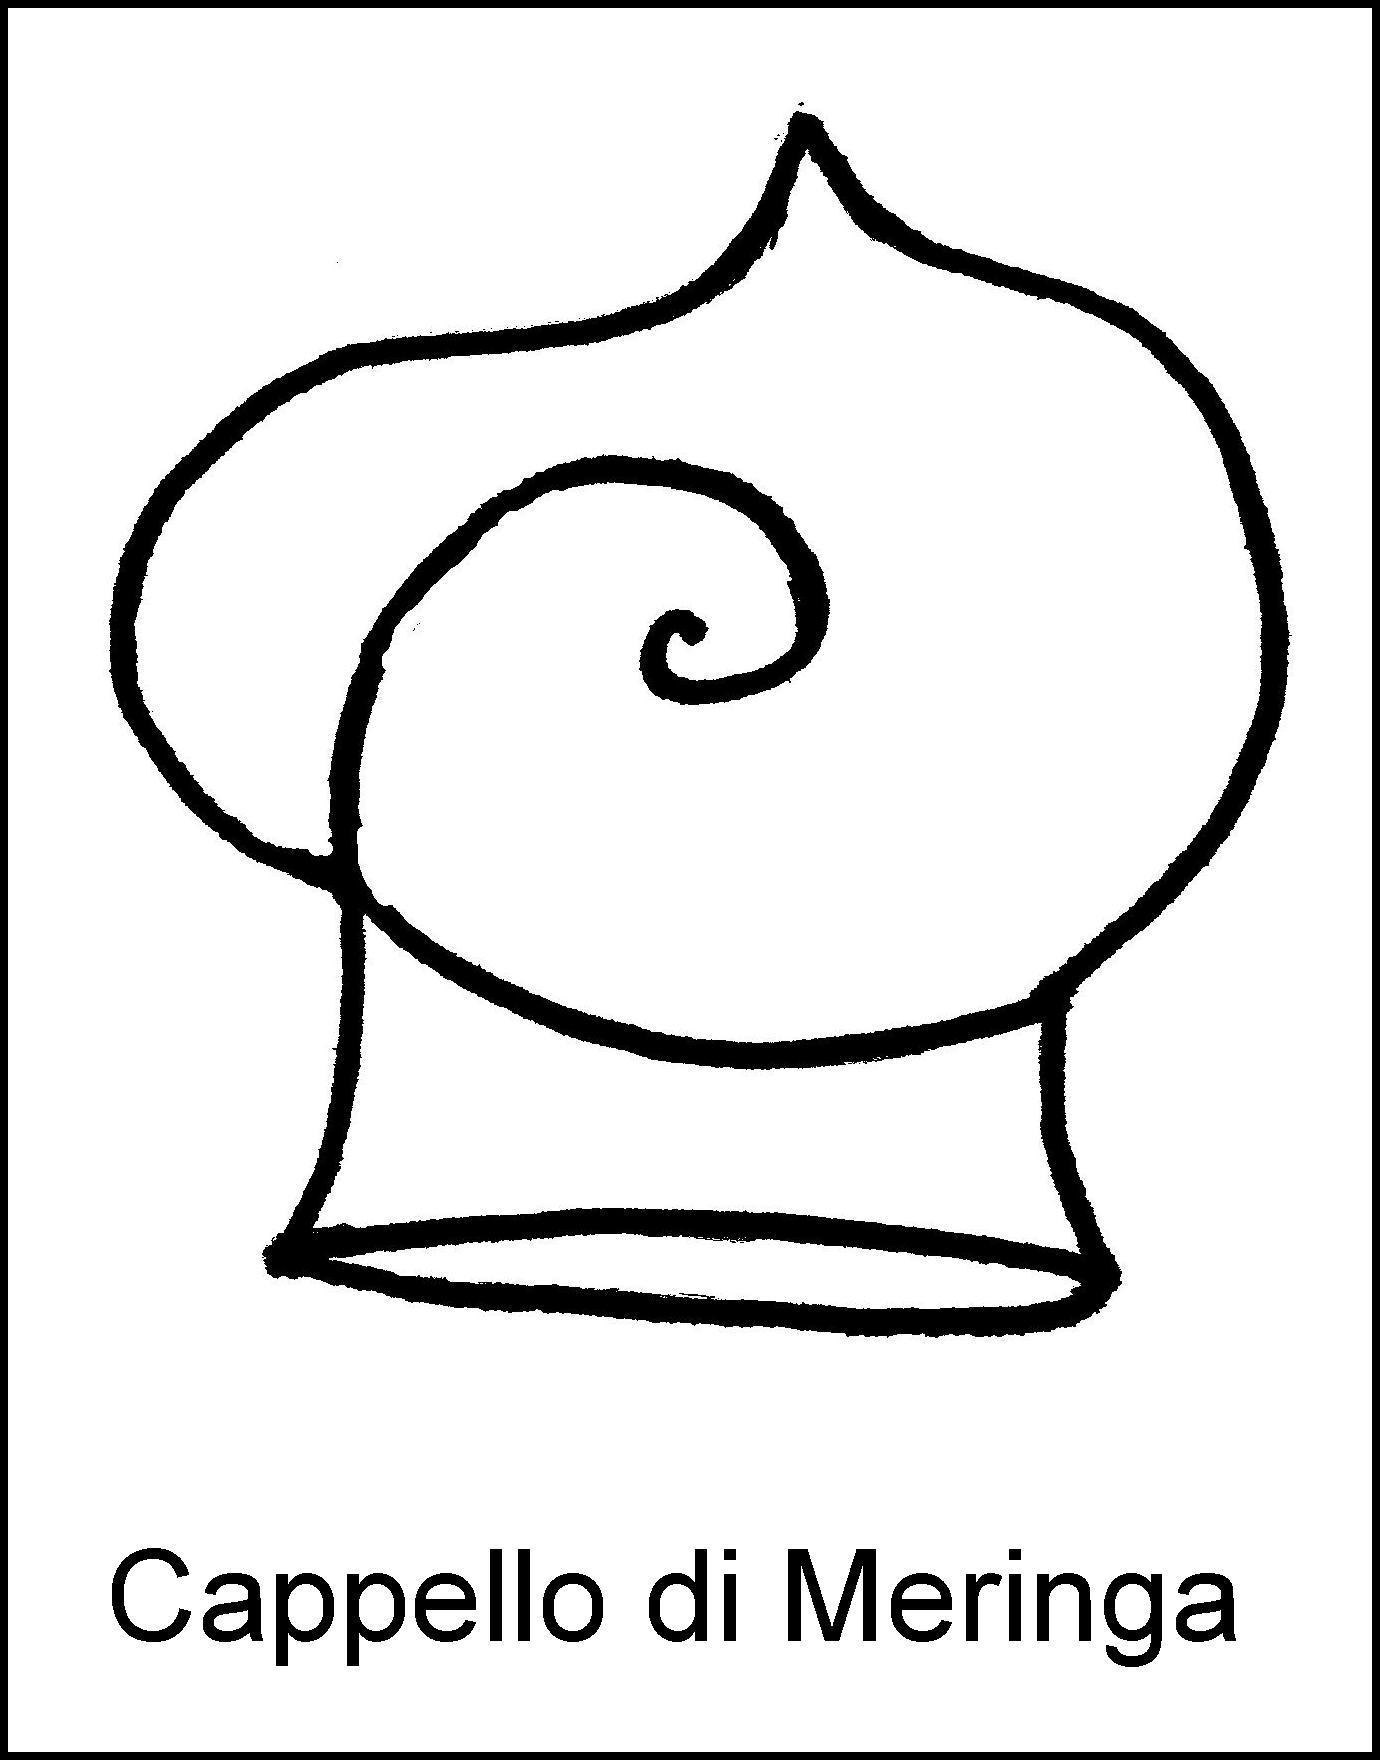 Cappello di Meringa